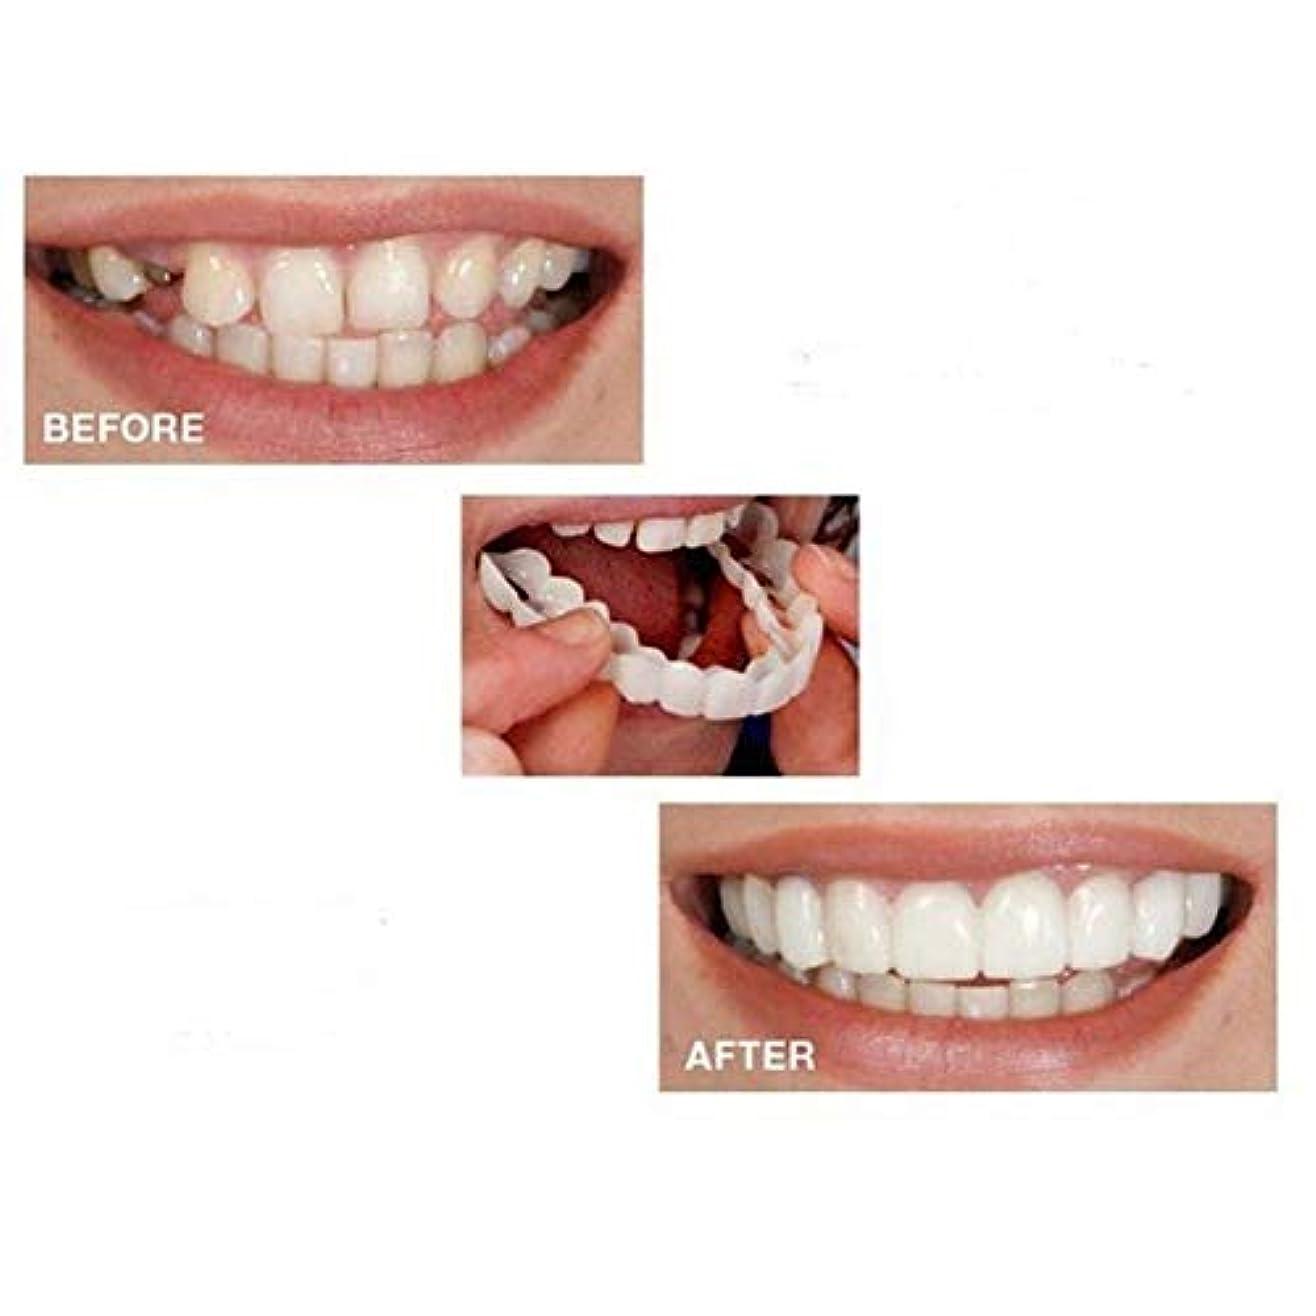 証拠くさび姿を消す歯のベニアの6ペアは即座パーフェクトサスペンダー美白カバリング不規則な、ステンドグラス、行方不明ひび割れた歯にクリップされたスマイル